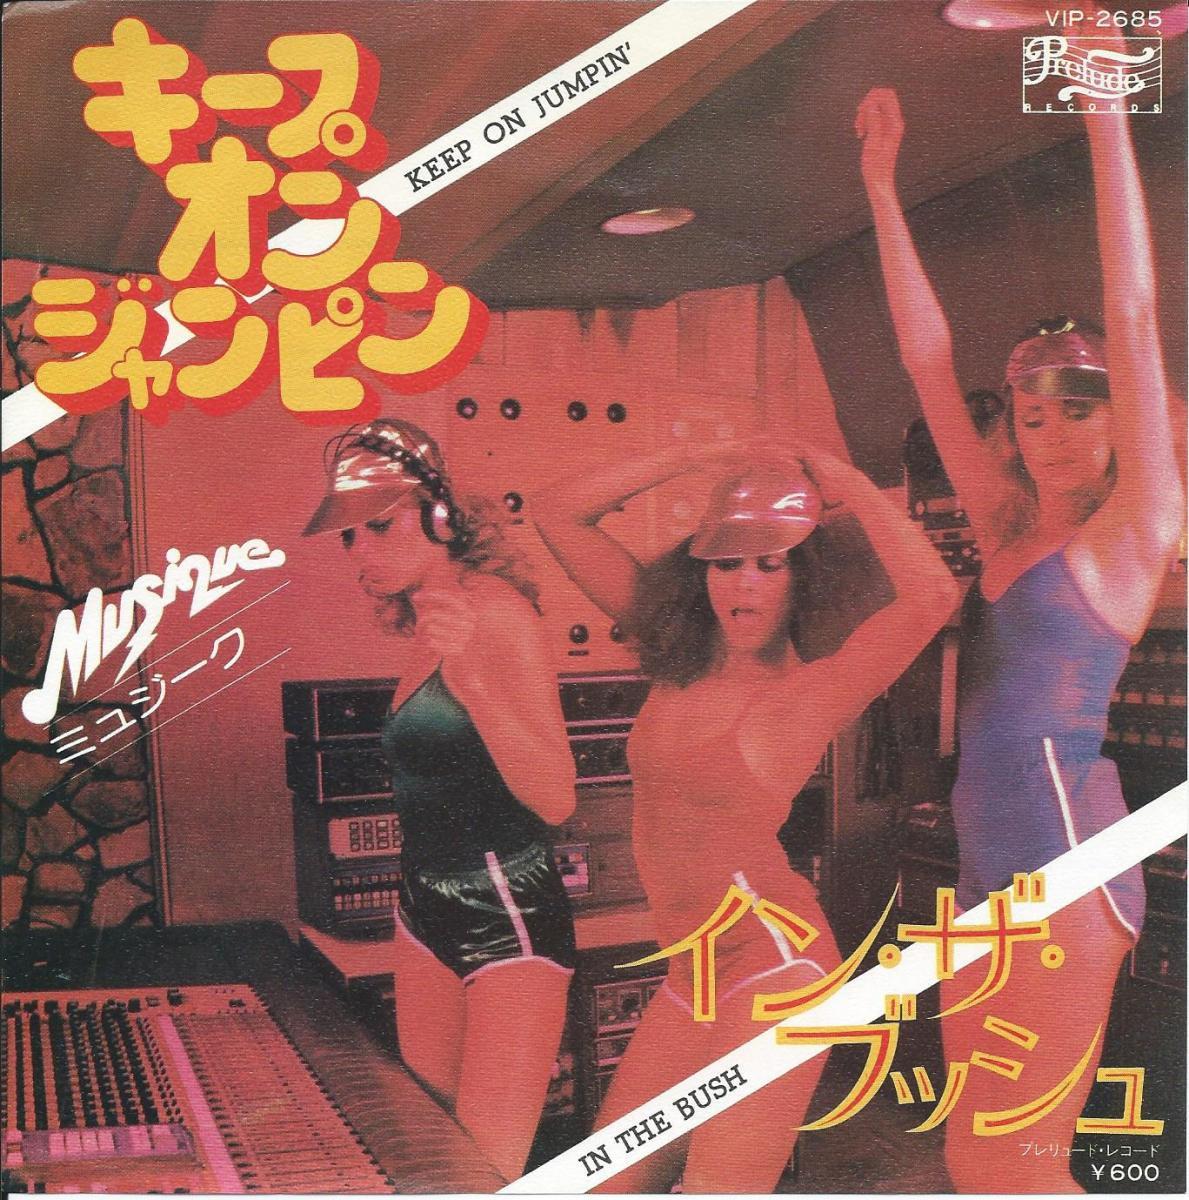 ミュジーク MUSIQUE / キープ・オン・ジャンピン KEEP ON JUMPIN' / イン・ザ・ブッシュ IN THE BUSH (7